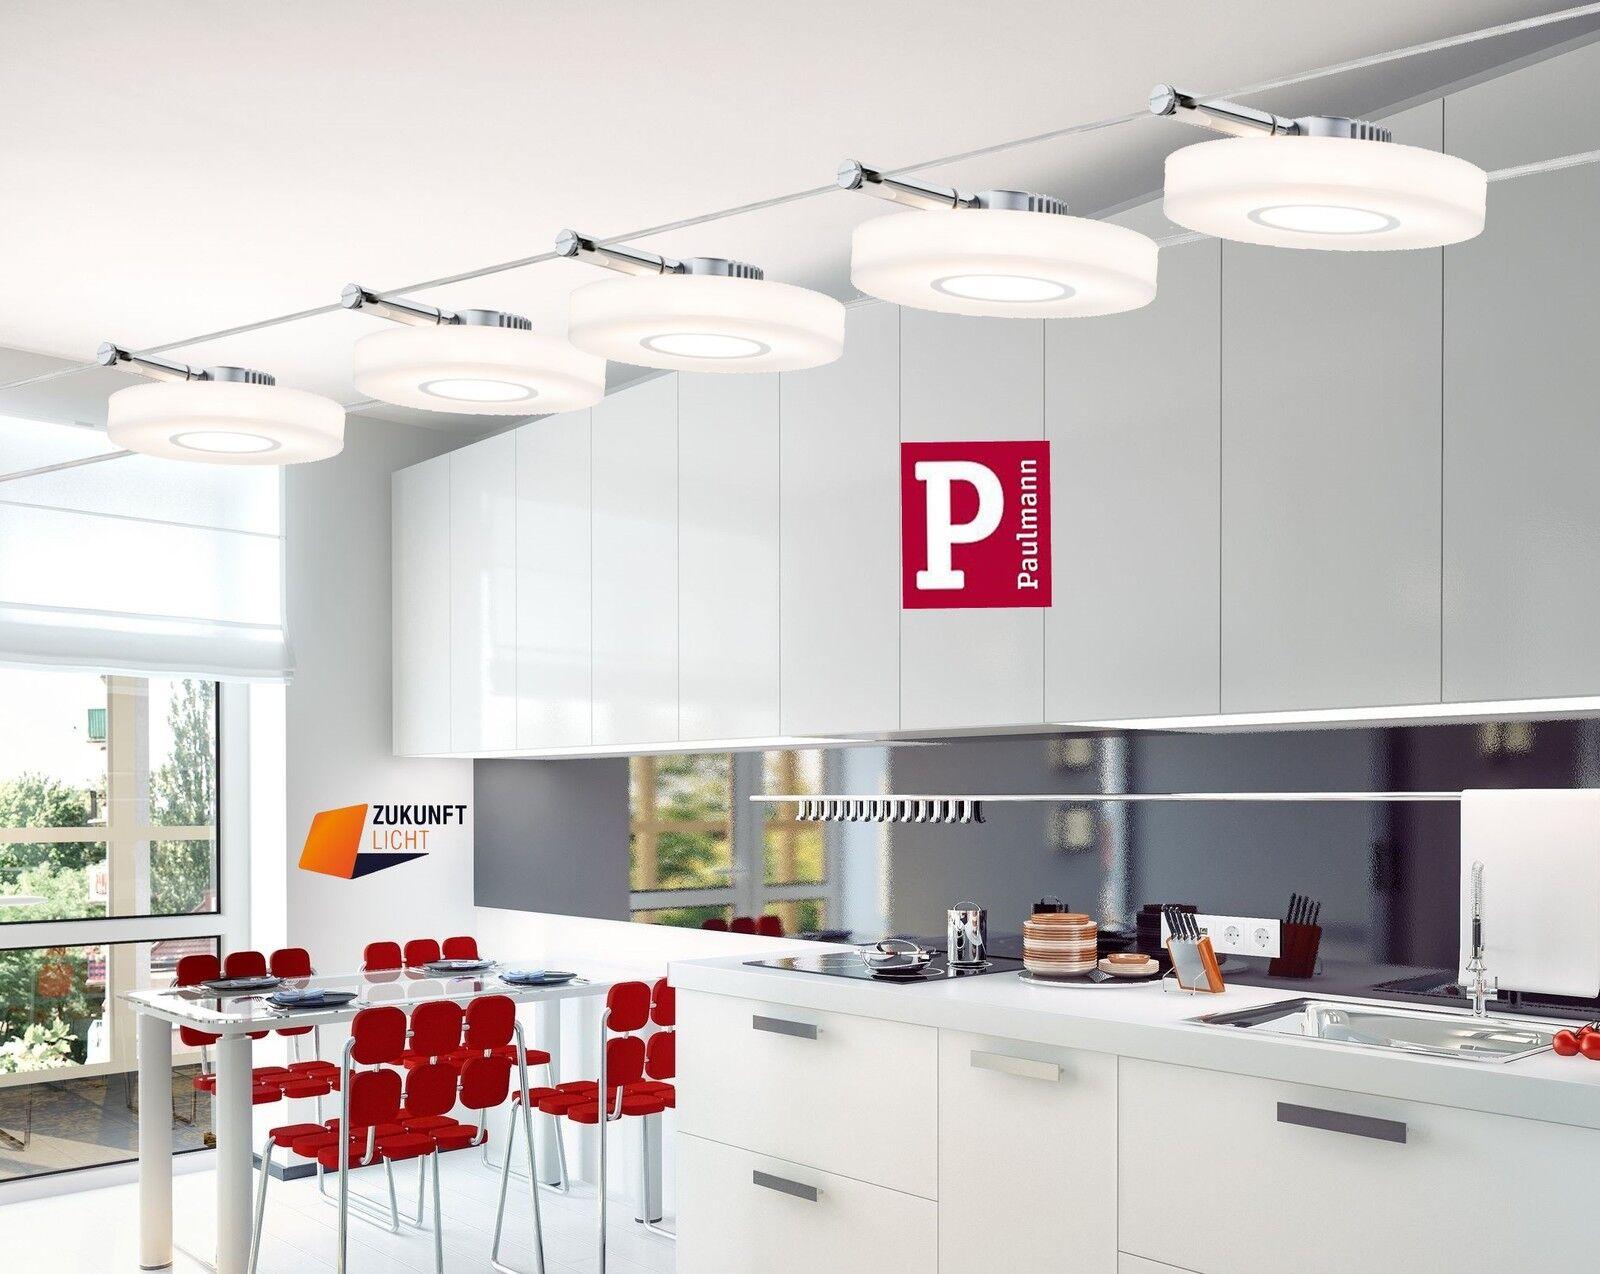 PAULMANN LED SEILSYSTEM DiscLED I 5x4W 12V NEUSTE LED TECHNIK ART ...